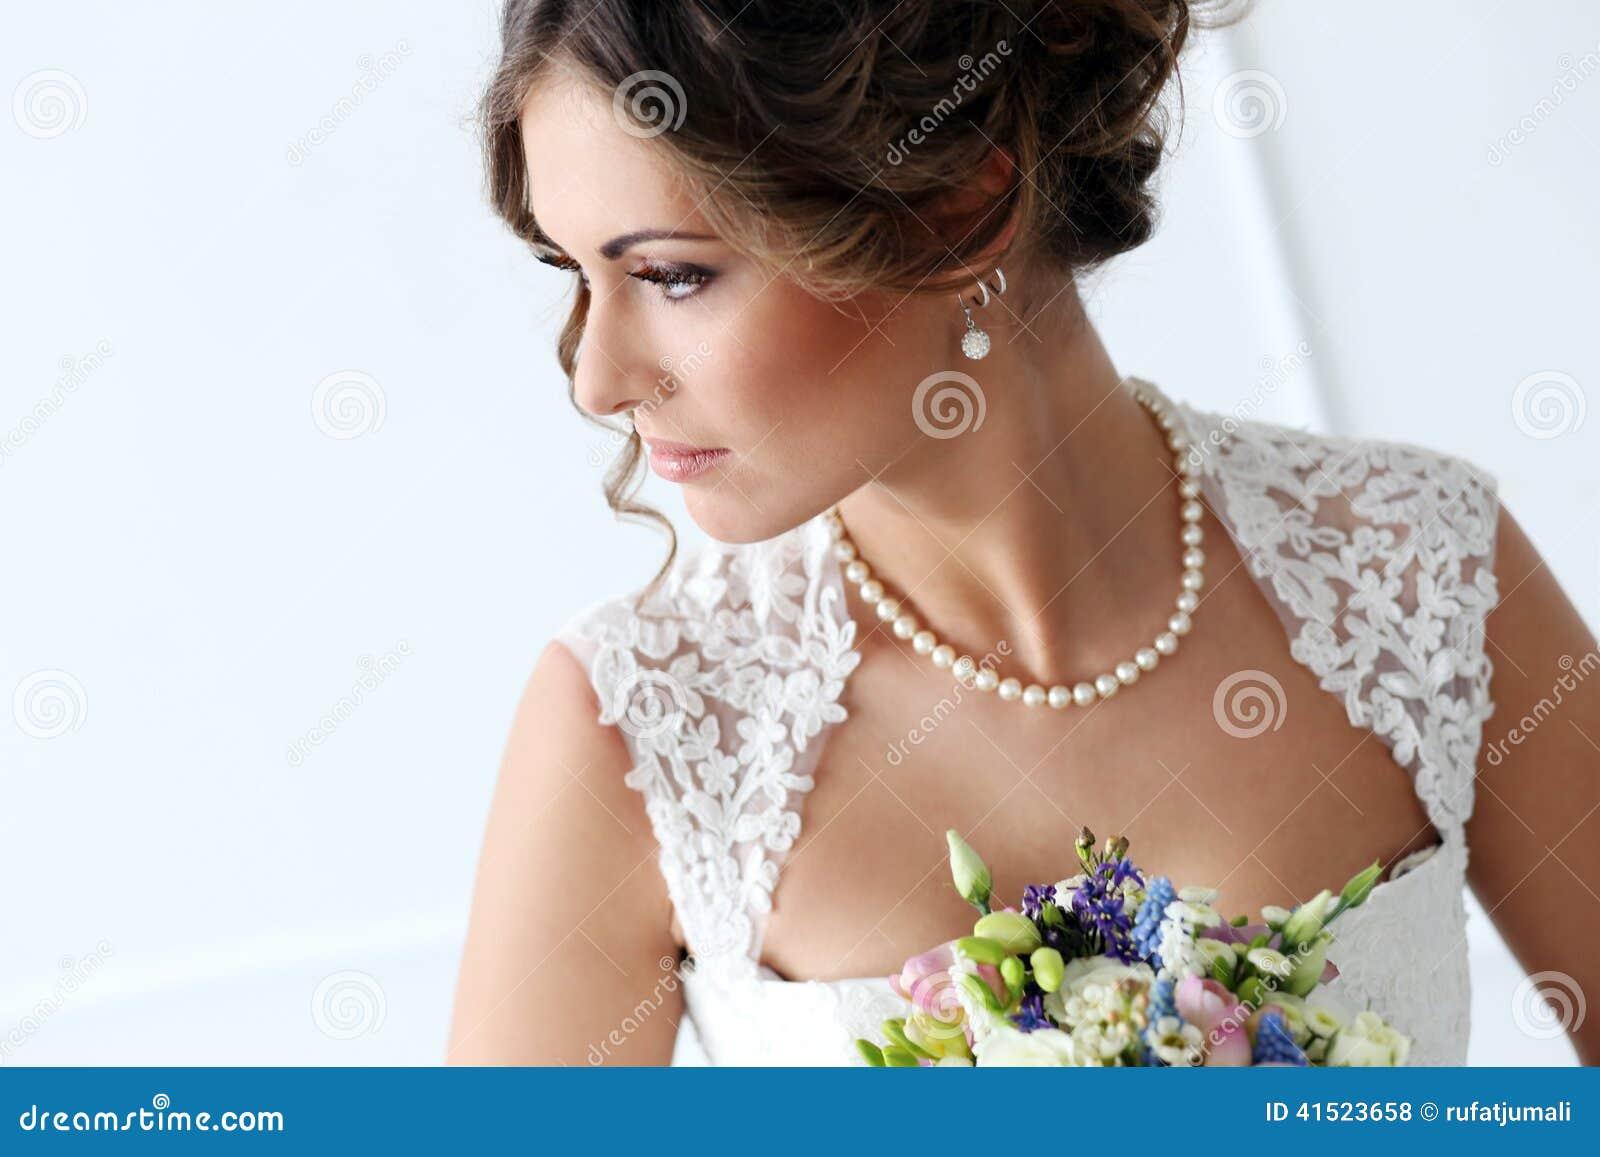 Hochzeit Schöne Braut